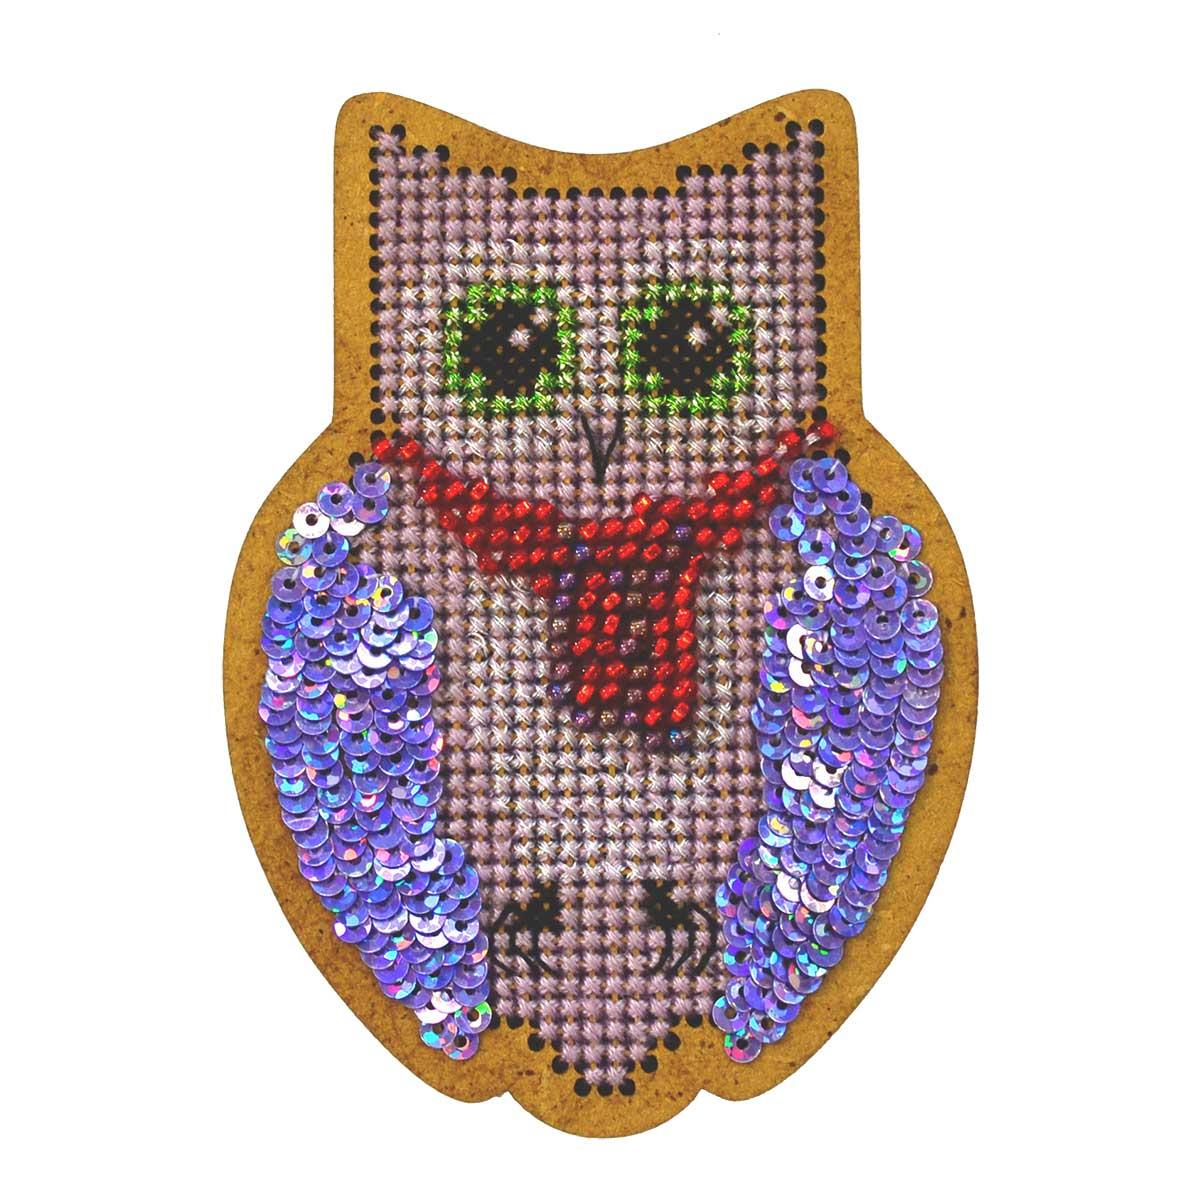 ИК-005 Набор для вышивания крестом на основе Созвездие 'Новогодняя игрушка 'Совушка' 9*6см